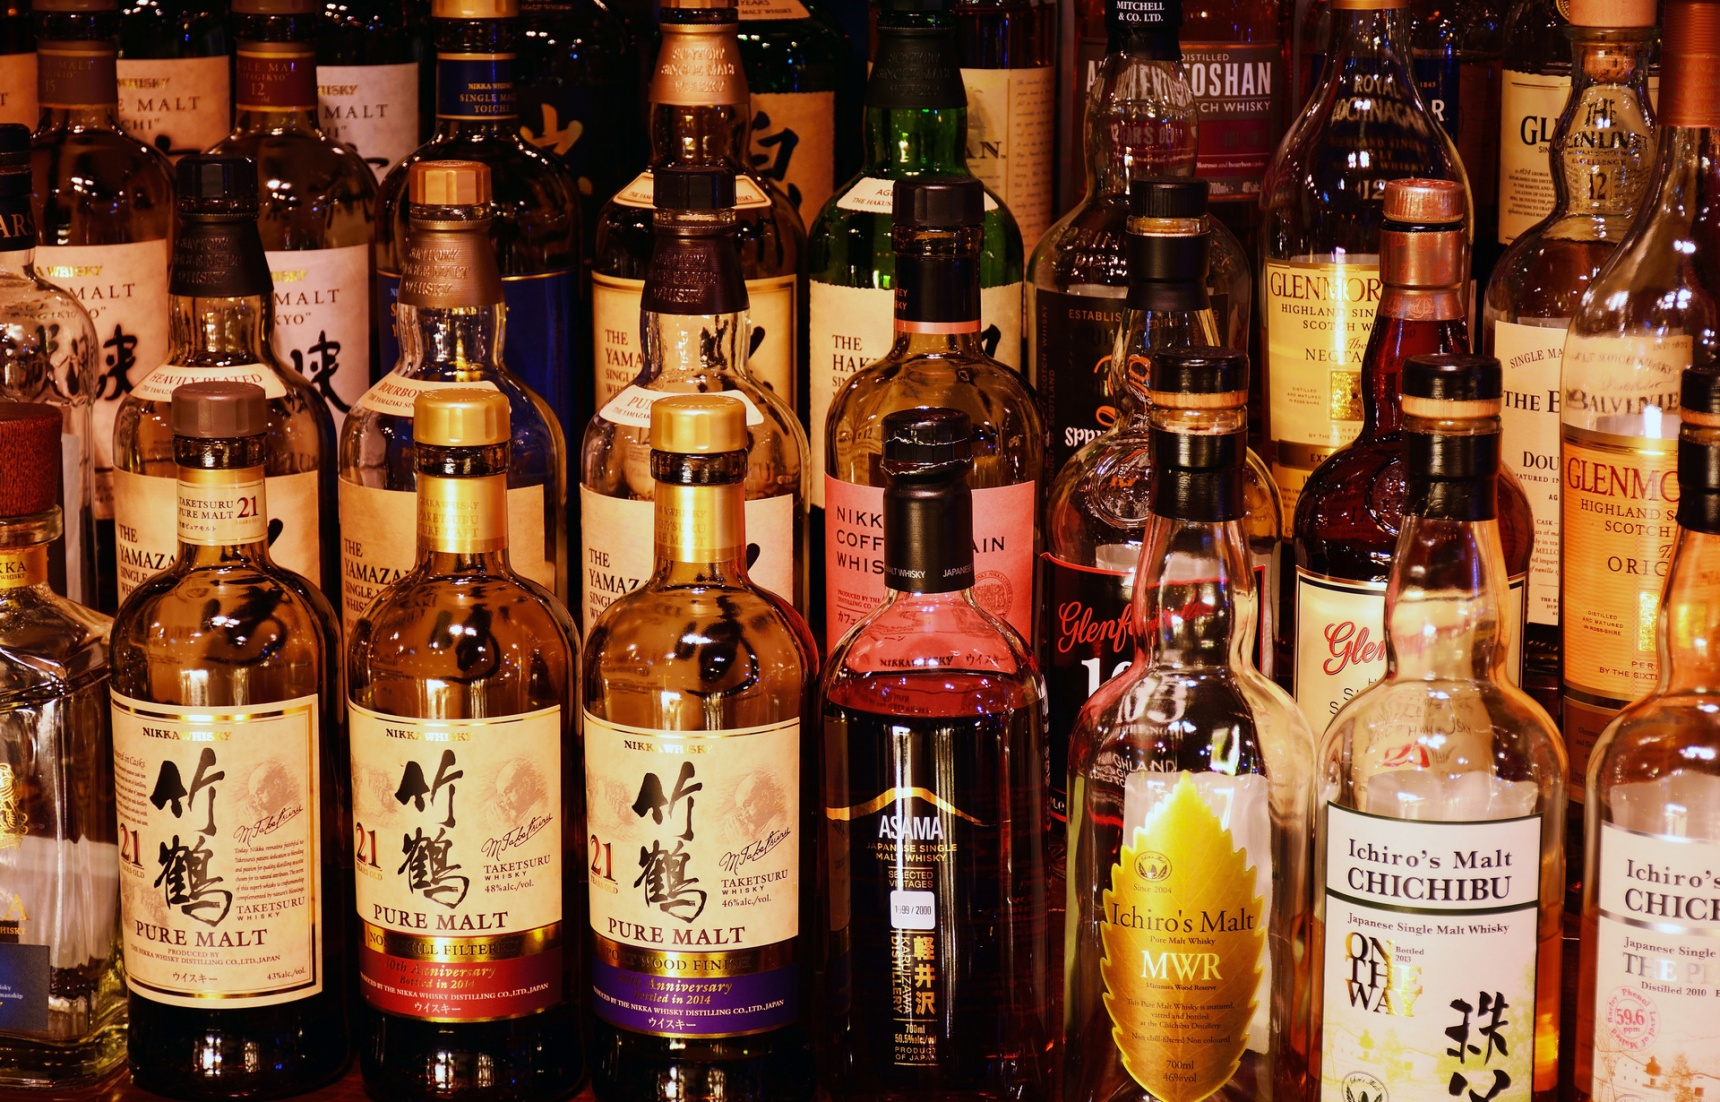 如果这些酒都端上桌,你真的会喝吗?13种日本酒饮用指南